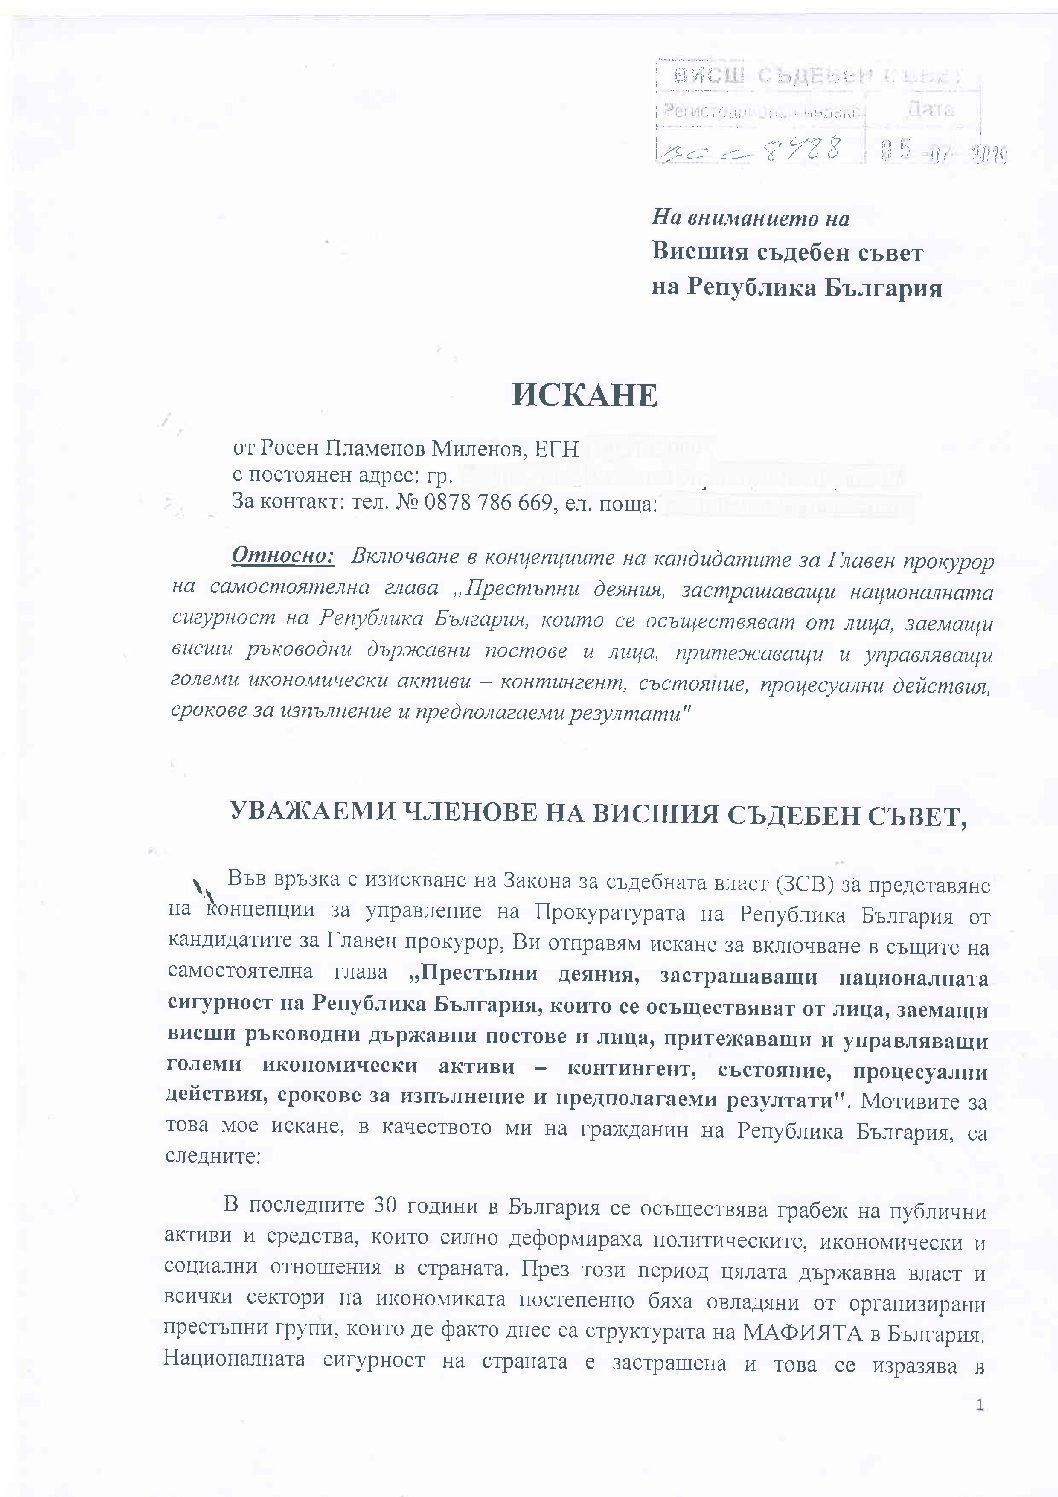 Искане до Висшия съдебен съвет относно избора на Главен прокурор